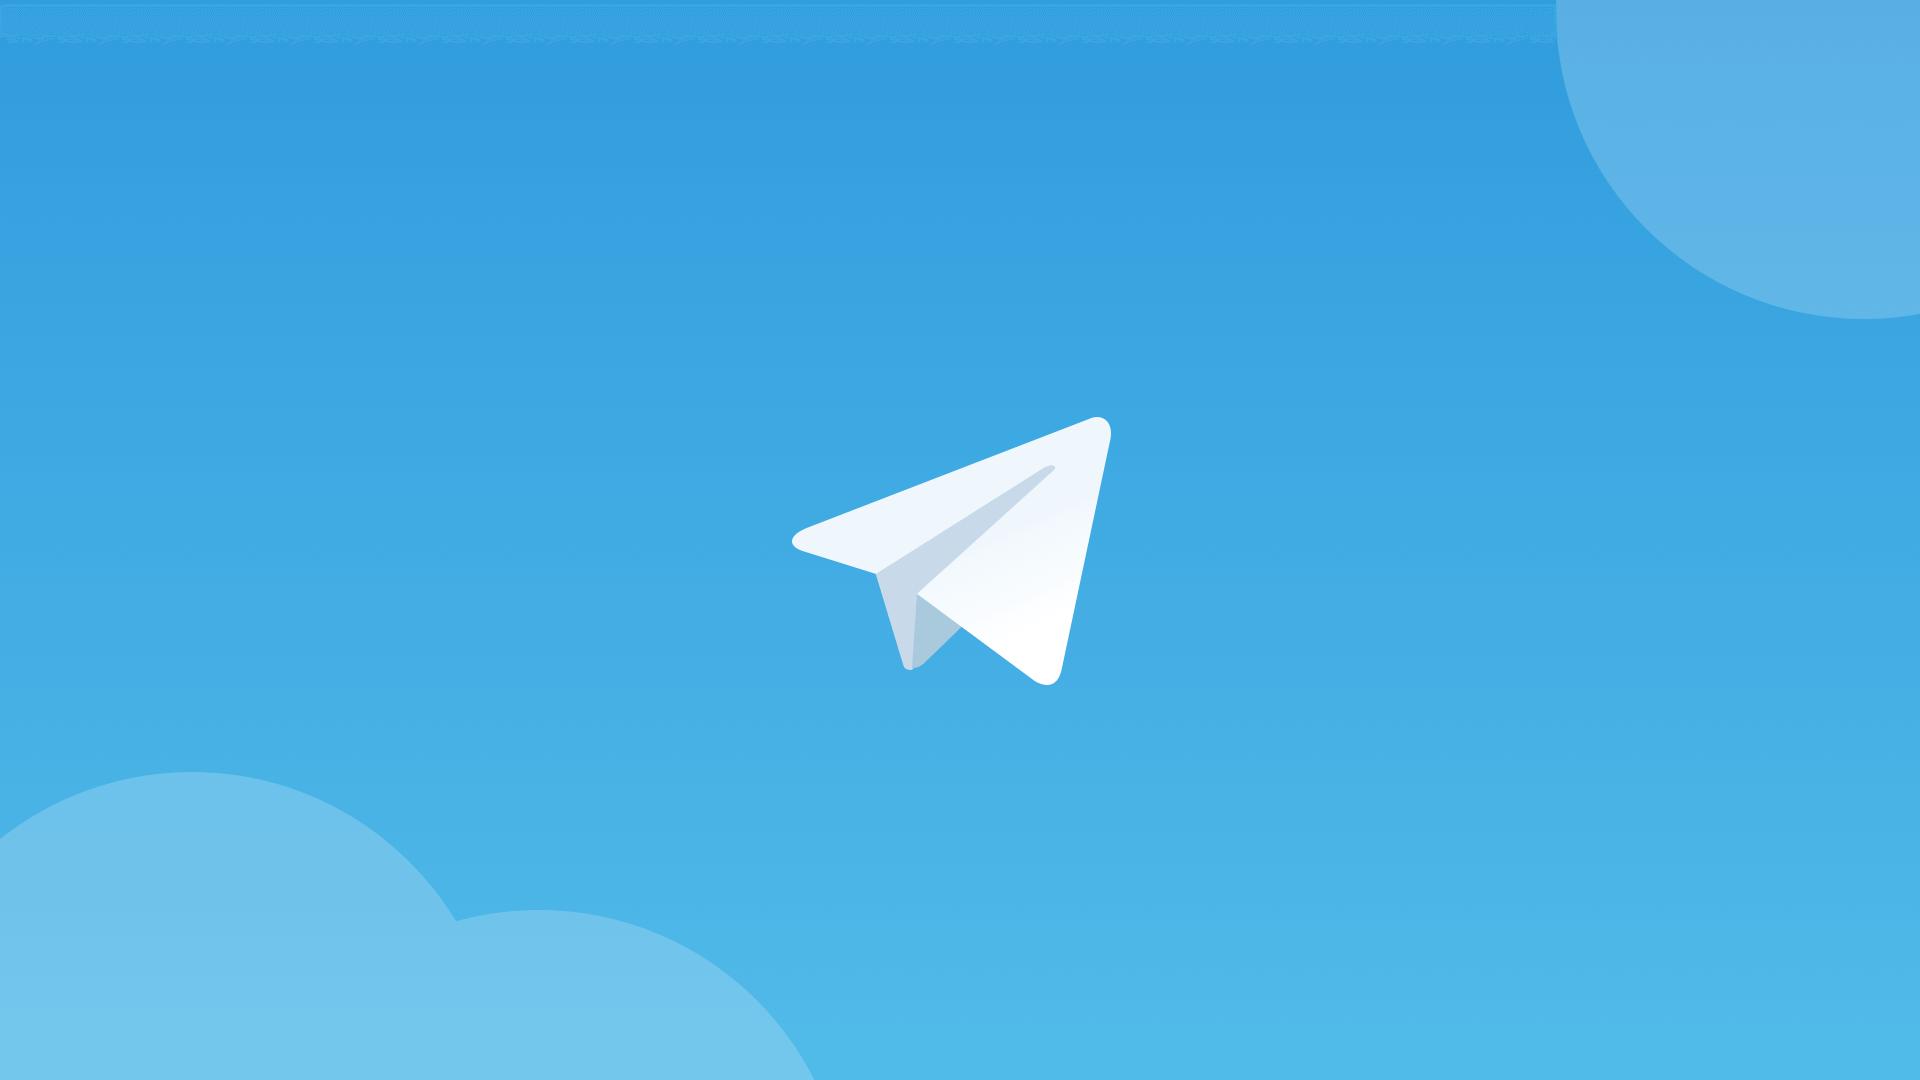 giá bitcoin: Telegram từ chối cung cấp thông tin liên quan đến 1,7 tỷ USD huy động được